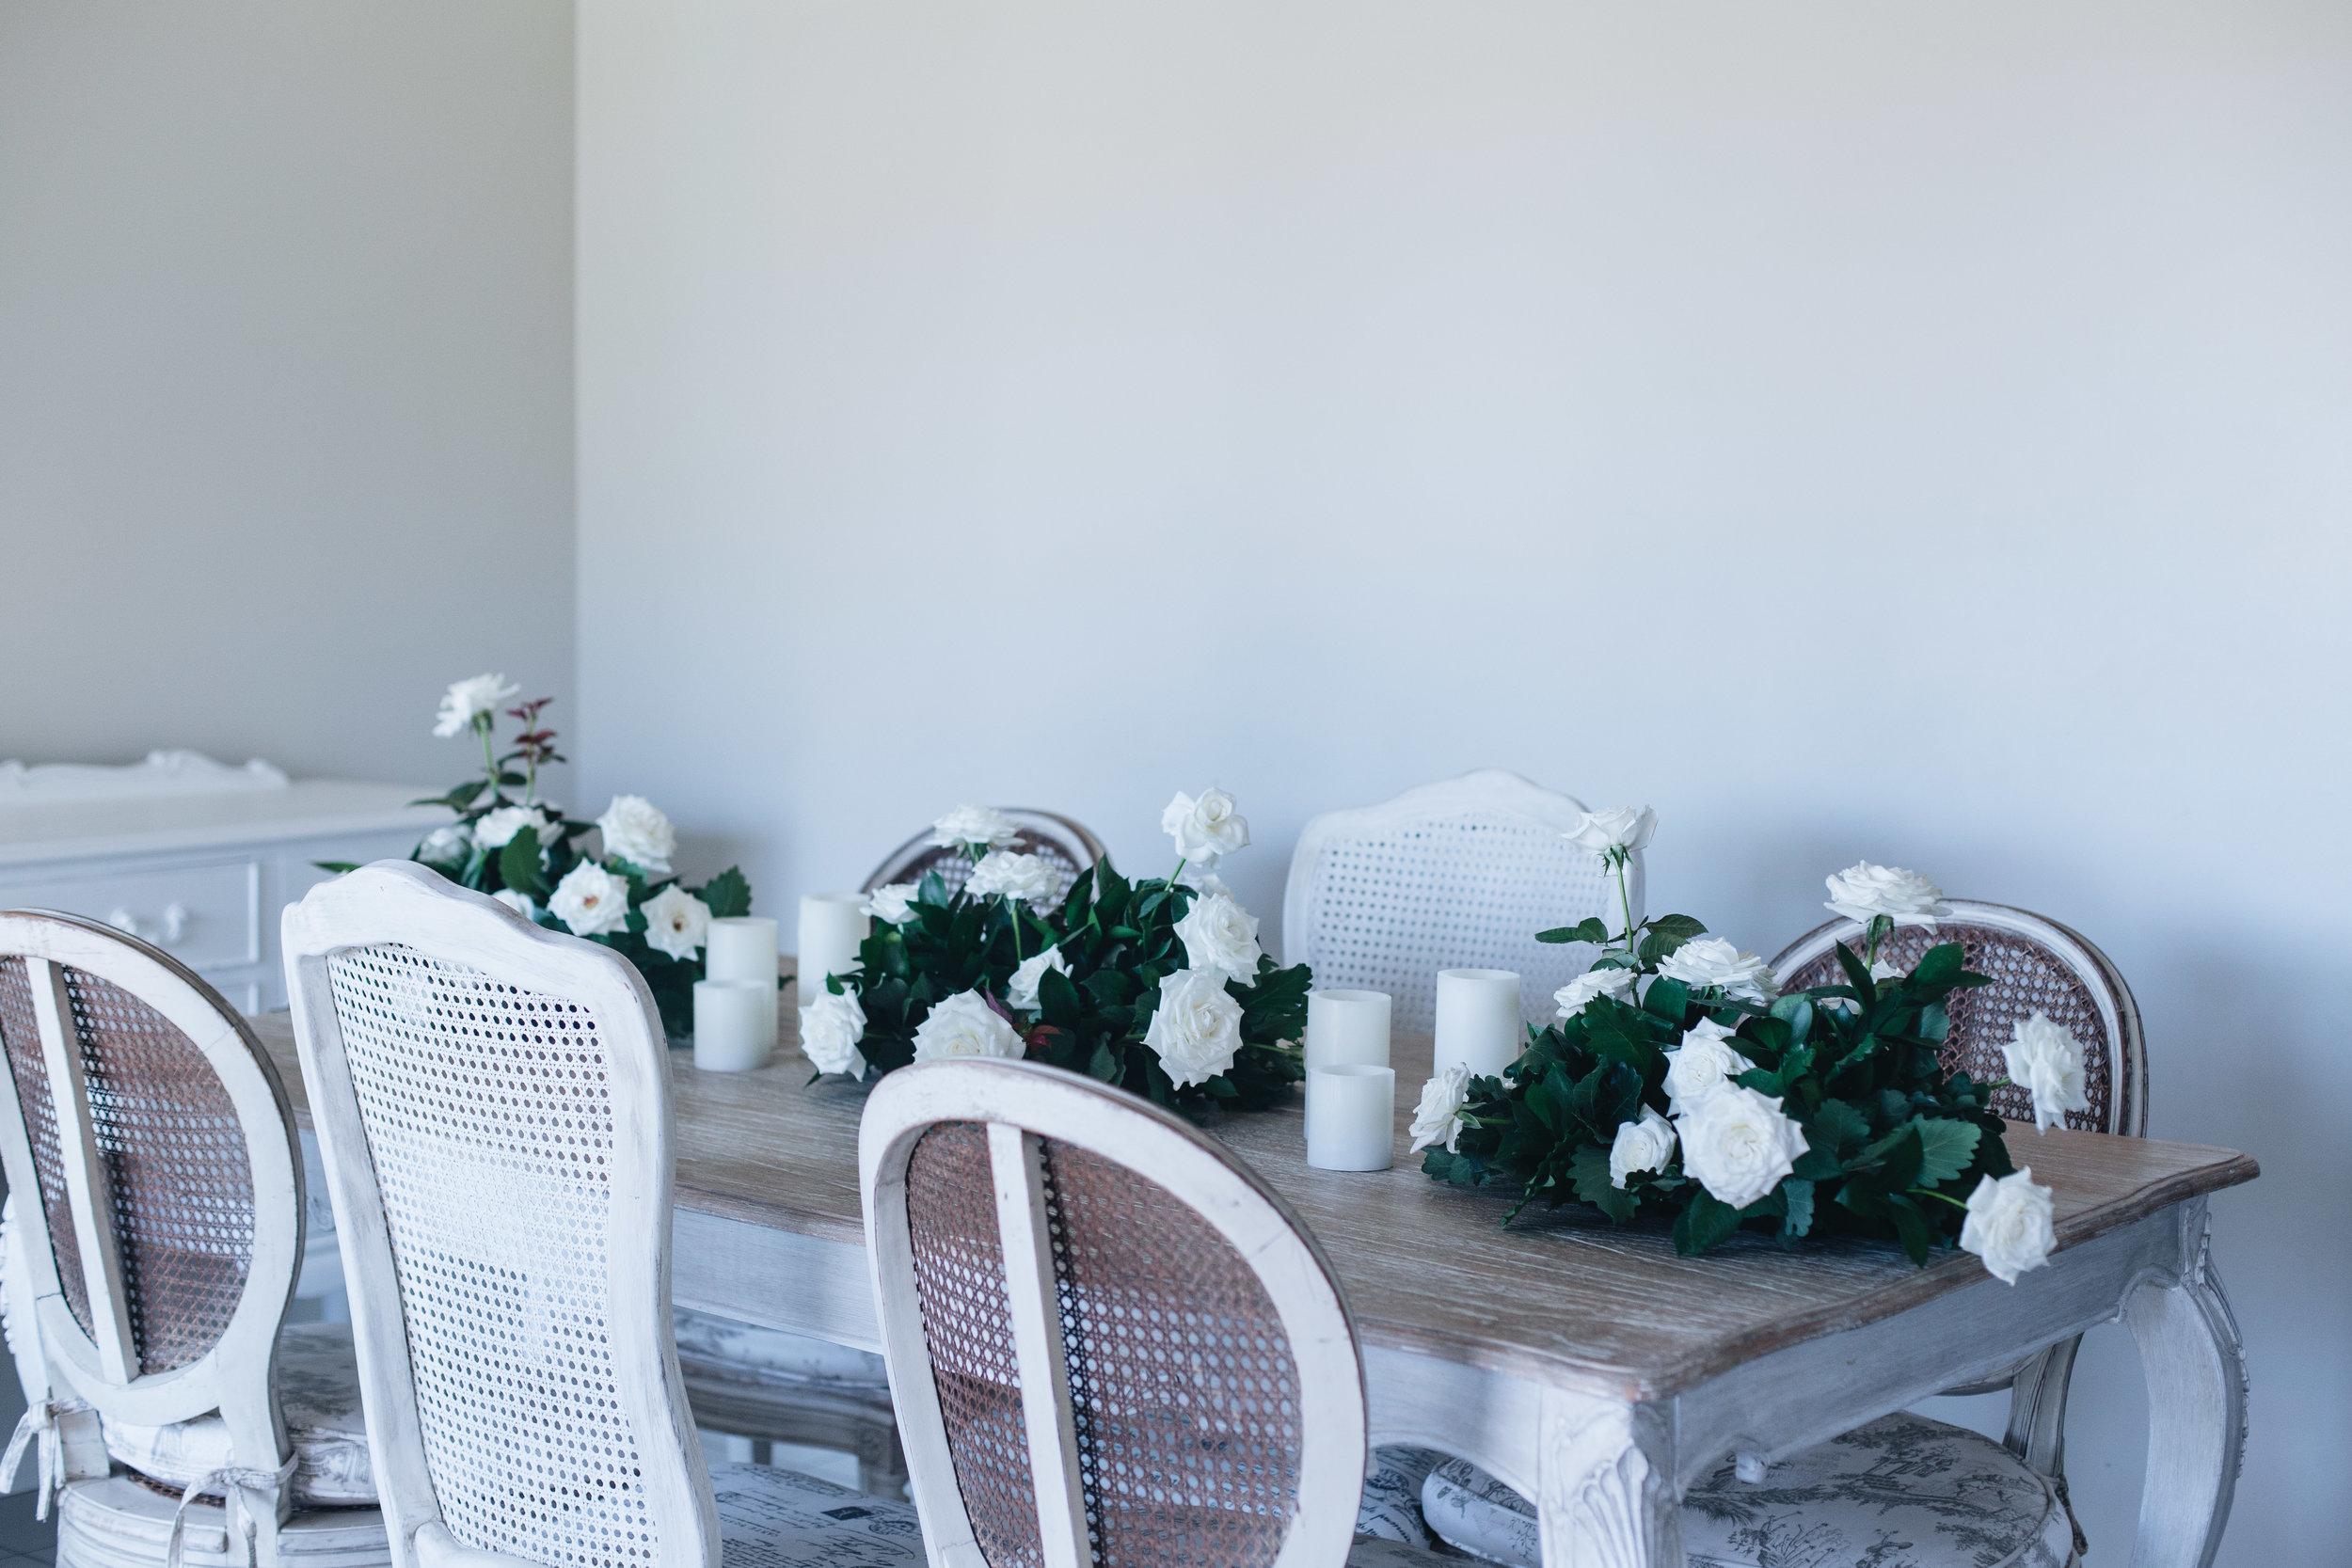 bridal table flowers white & green.JPG